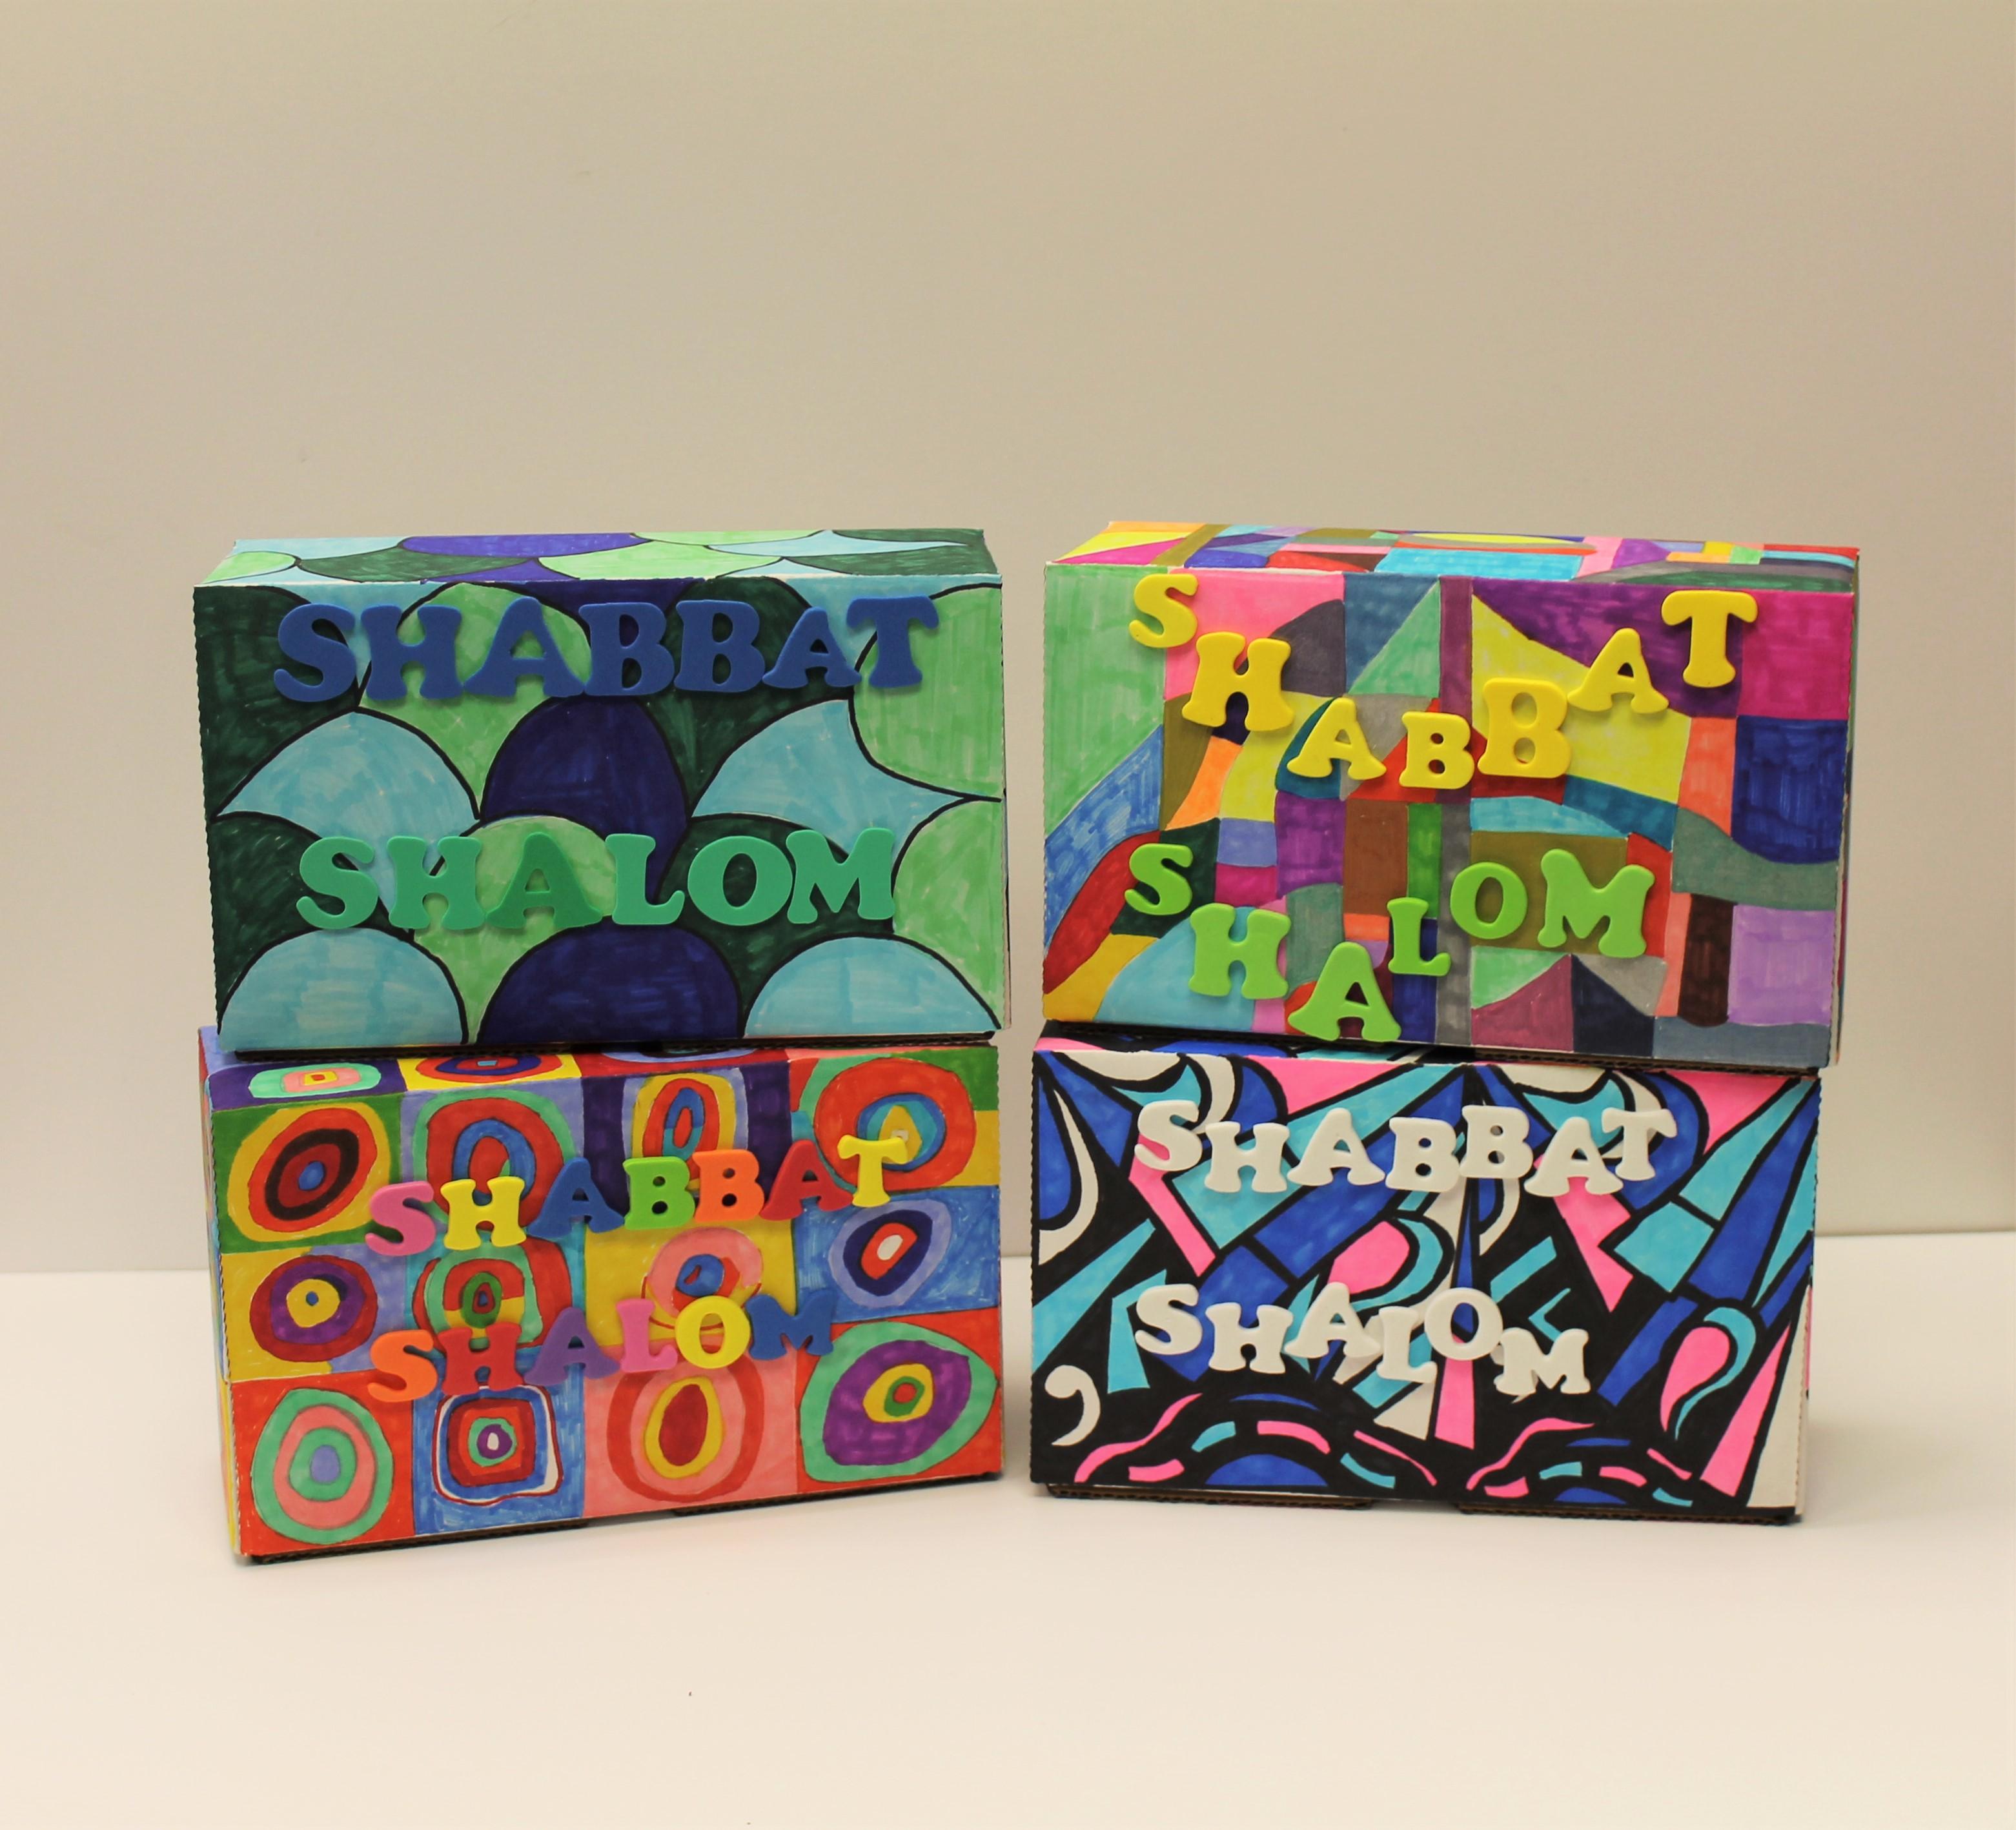 beautifully designed stack of shabbat boxes